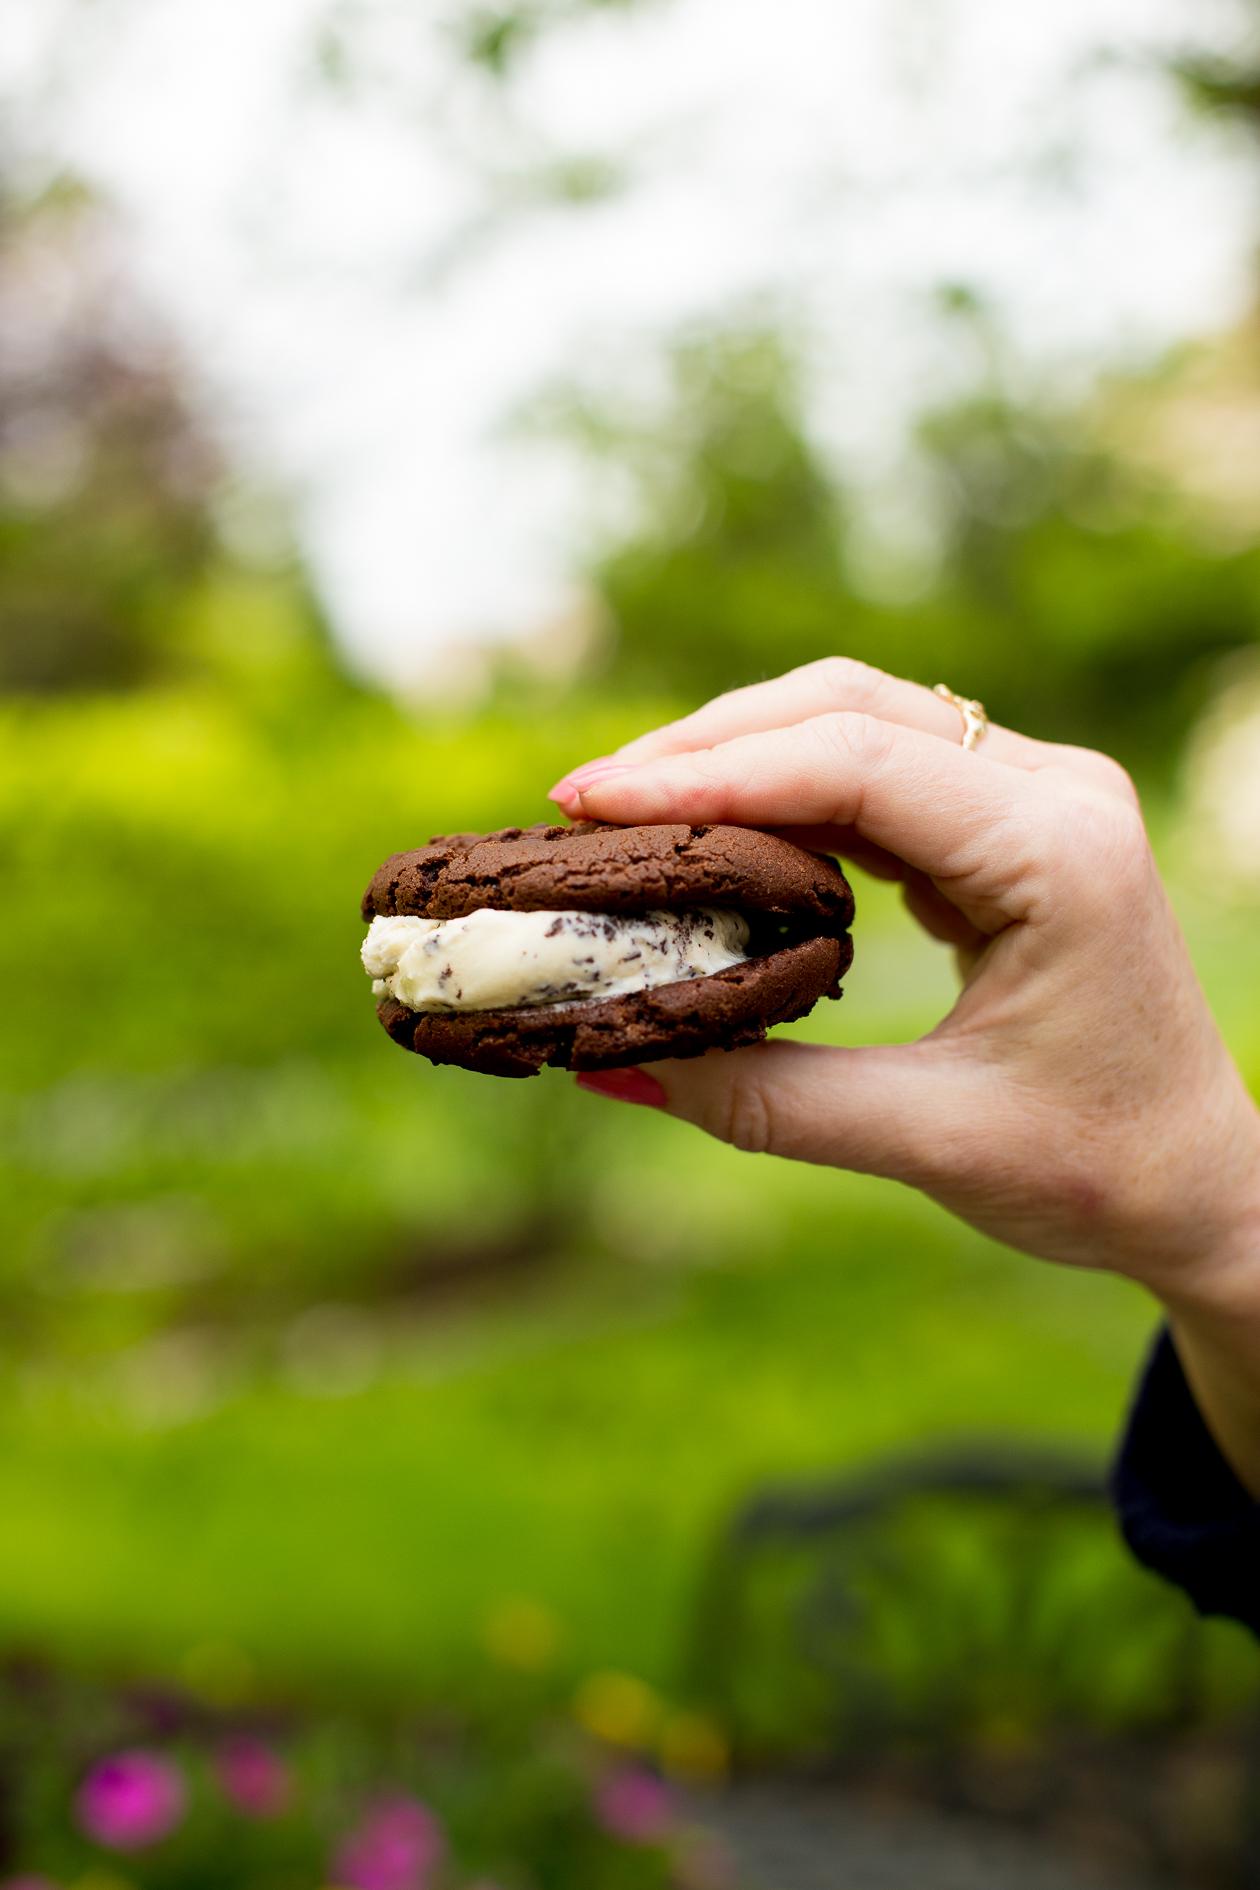 Baskin-Robbins Warm Ice Cream Sandwich-3